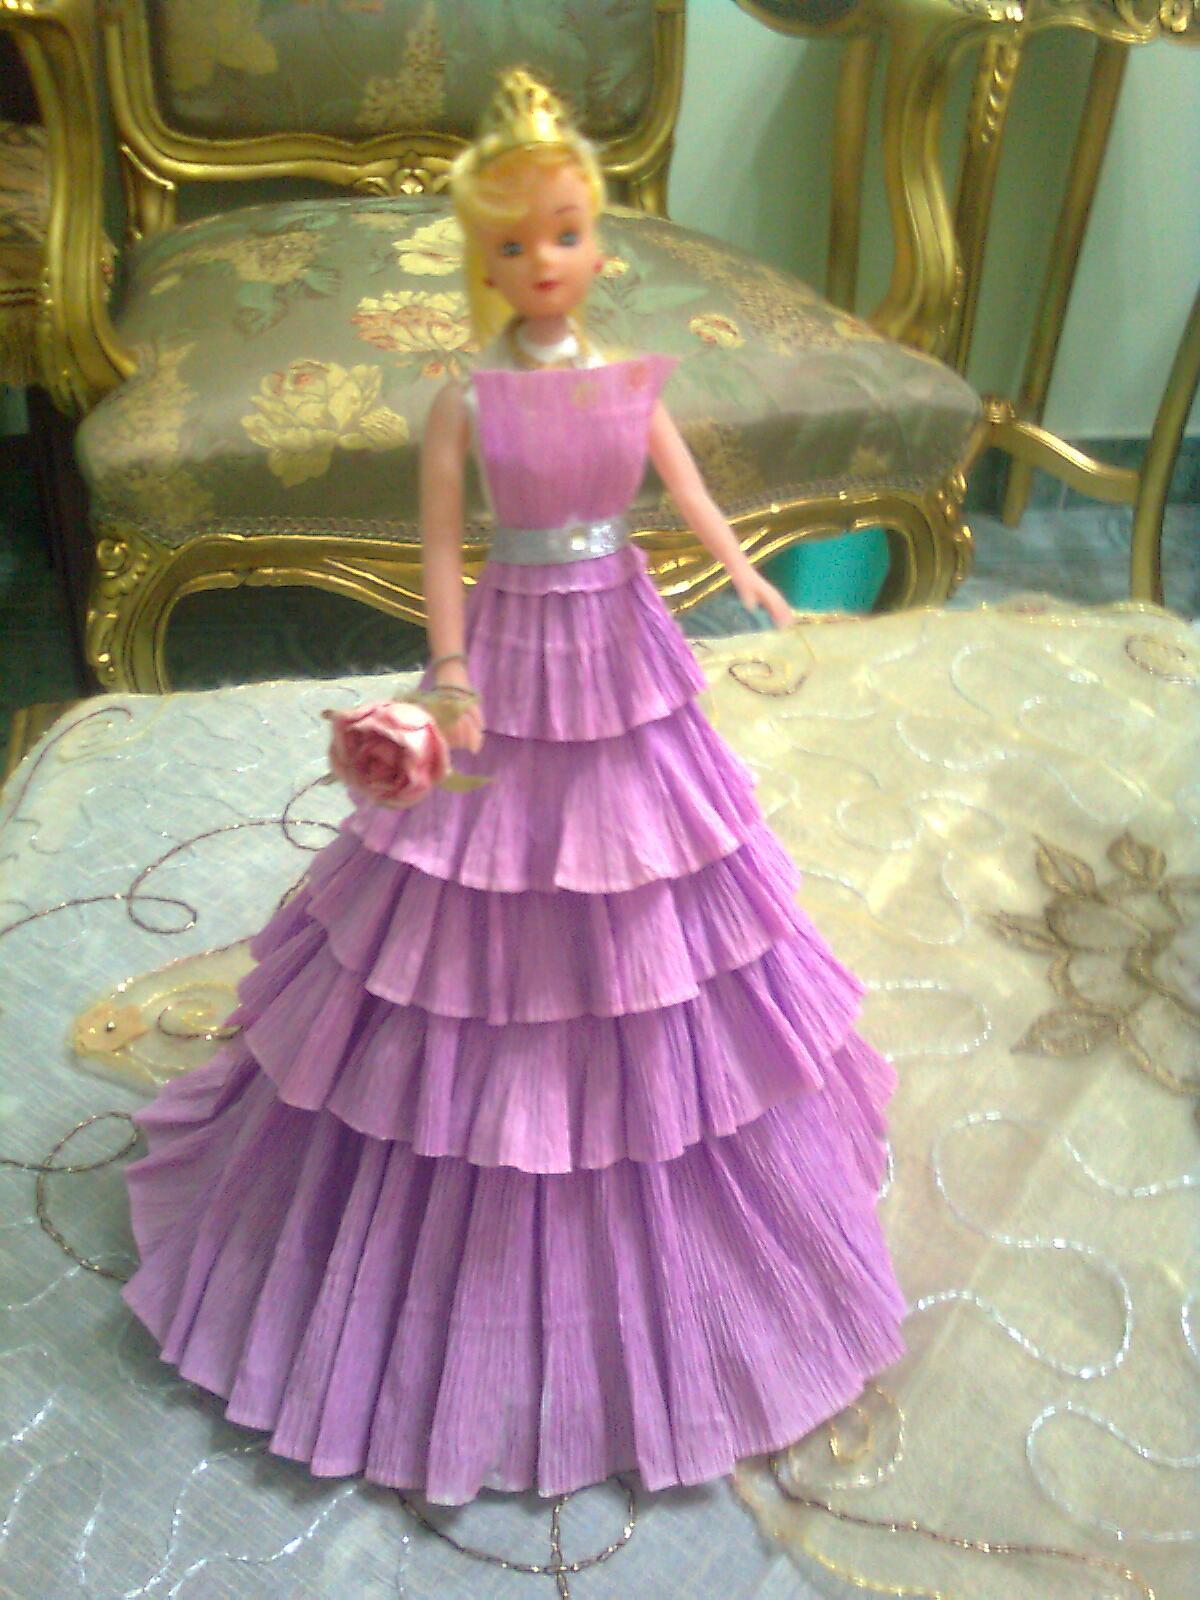 بالصور صور عروسه المولد , فرحه الاطفال بعروسه المولد 6079 2